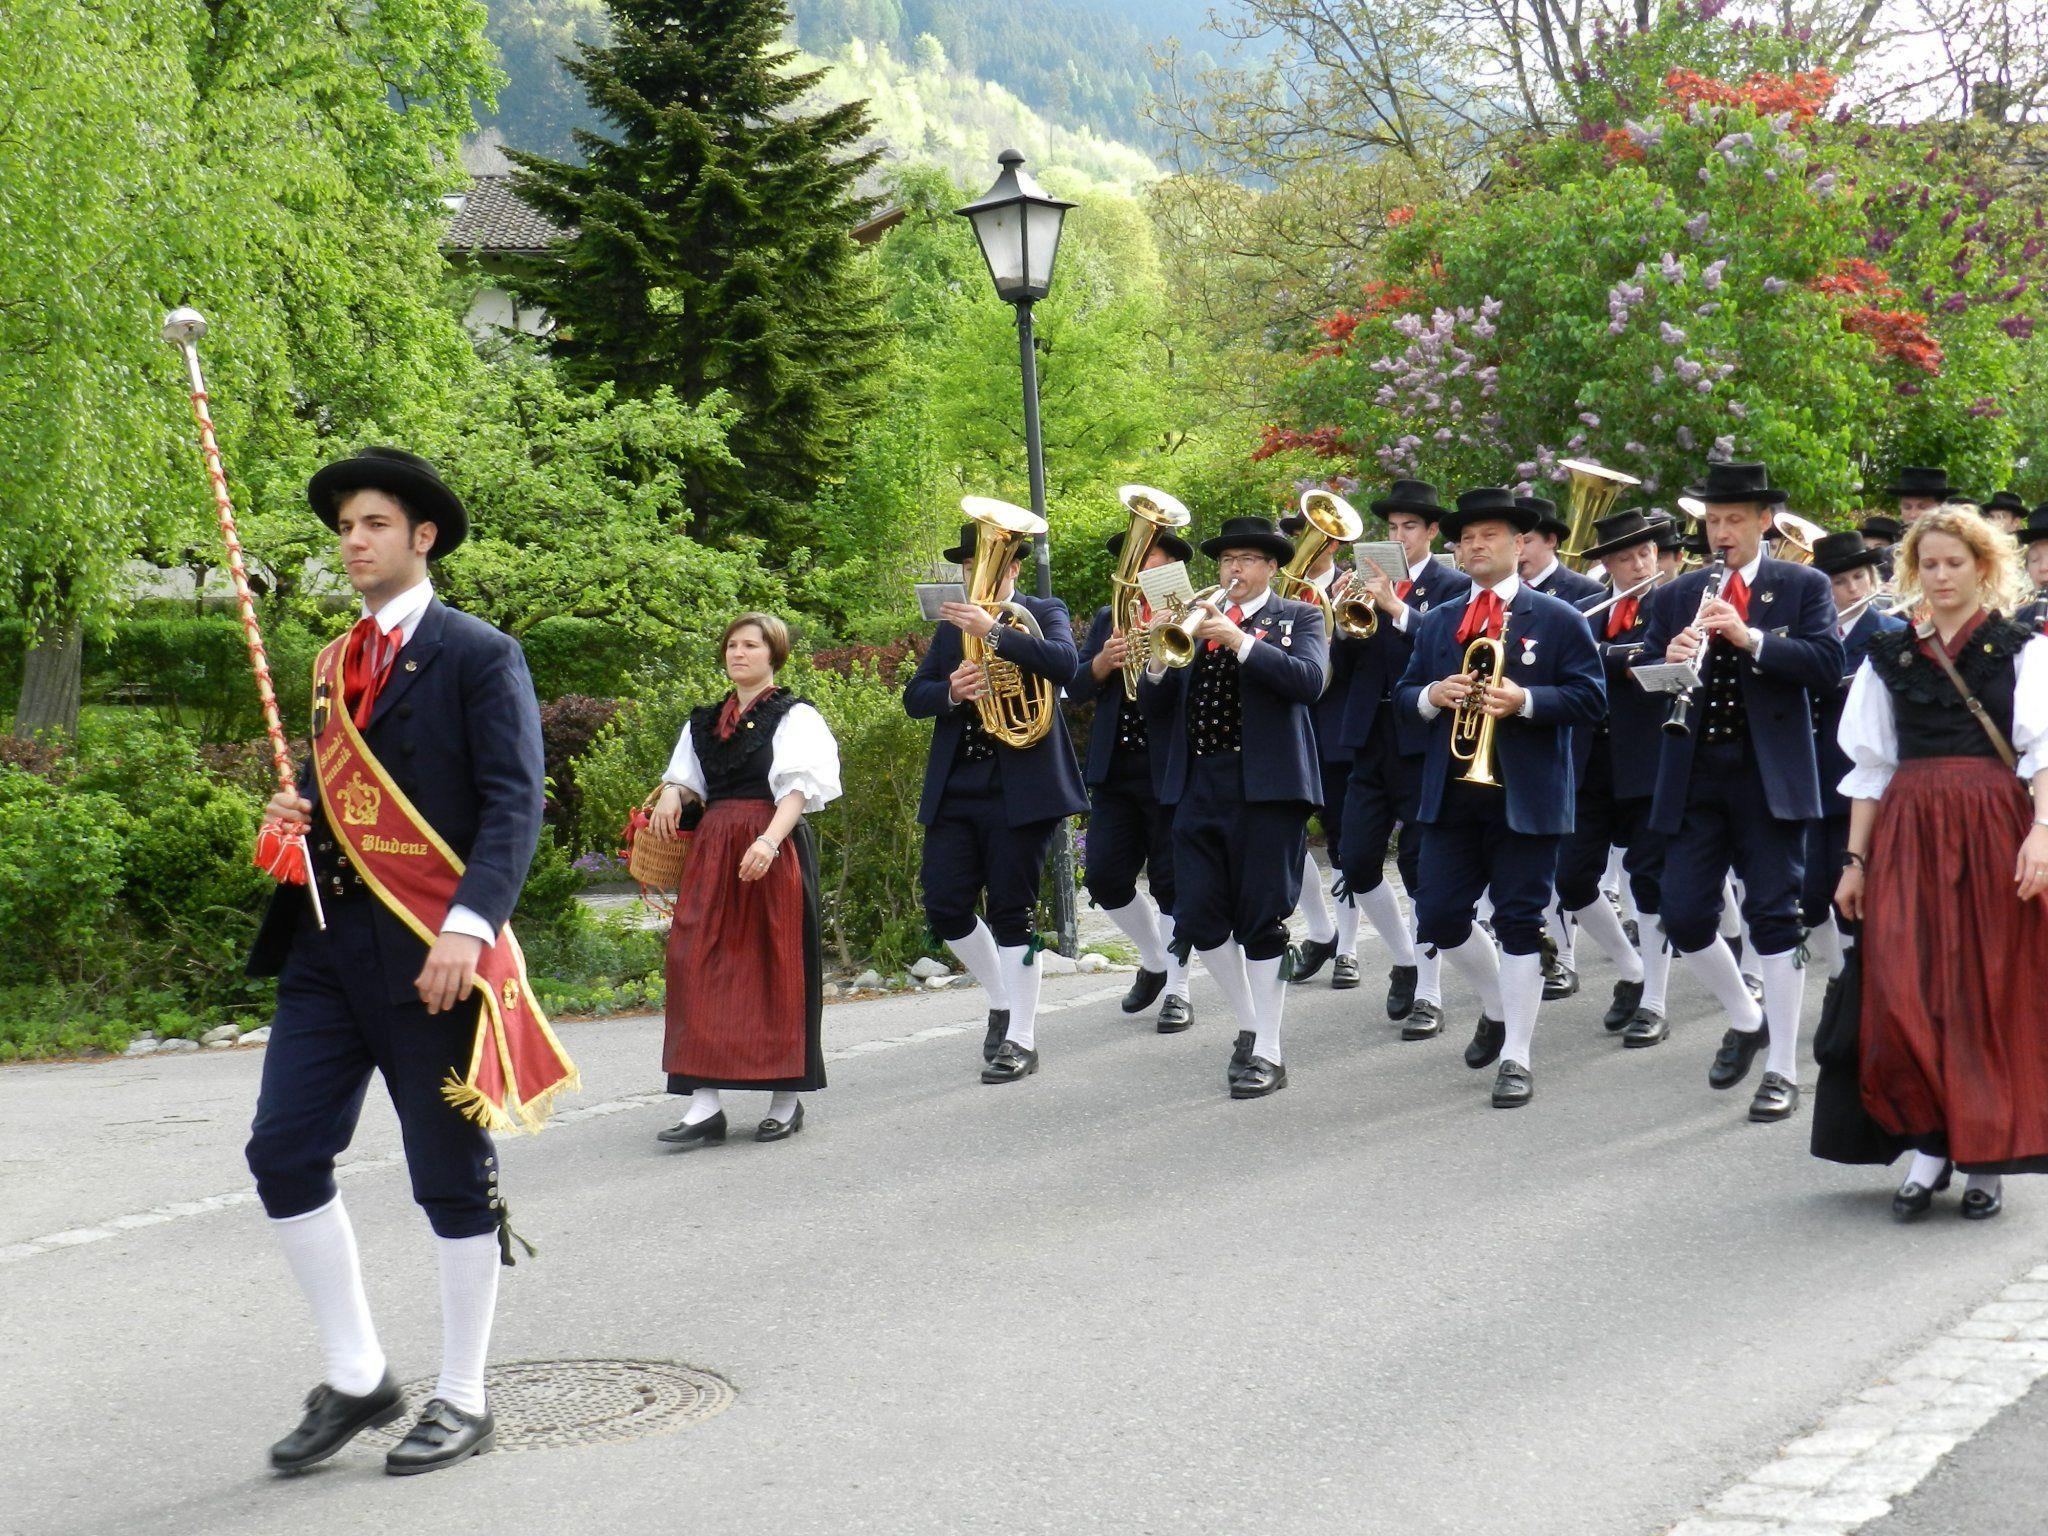 Die Stadtmusik erfreute mit ihren Weisen die Bevölkerung.